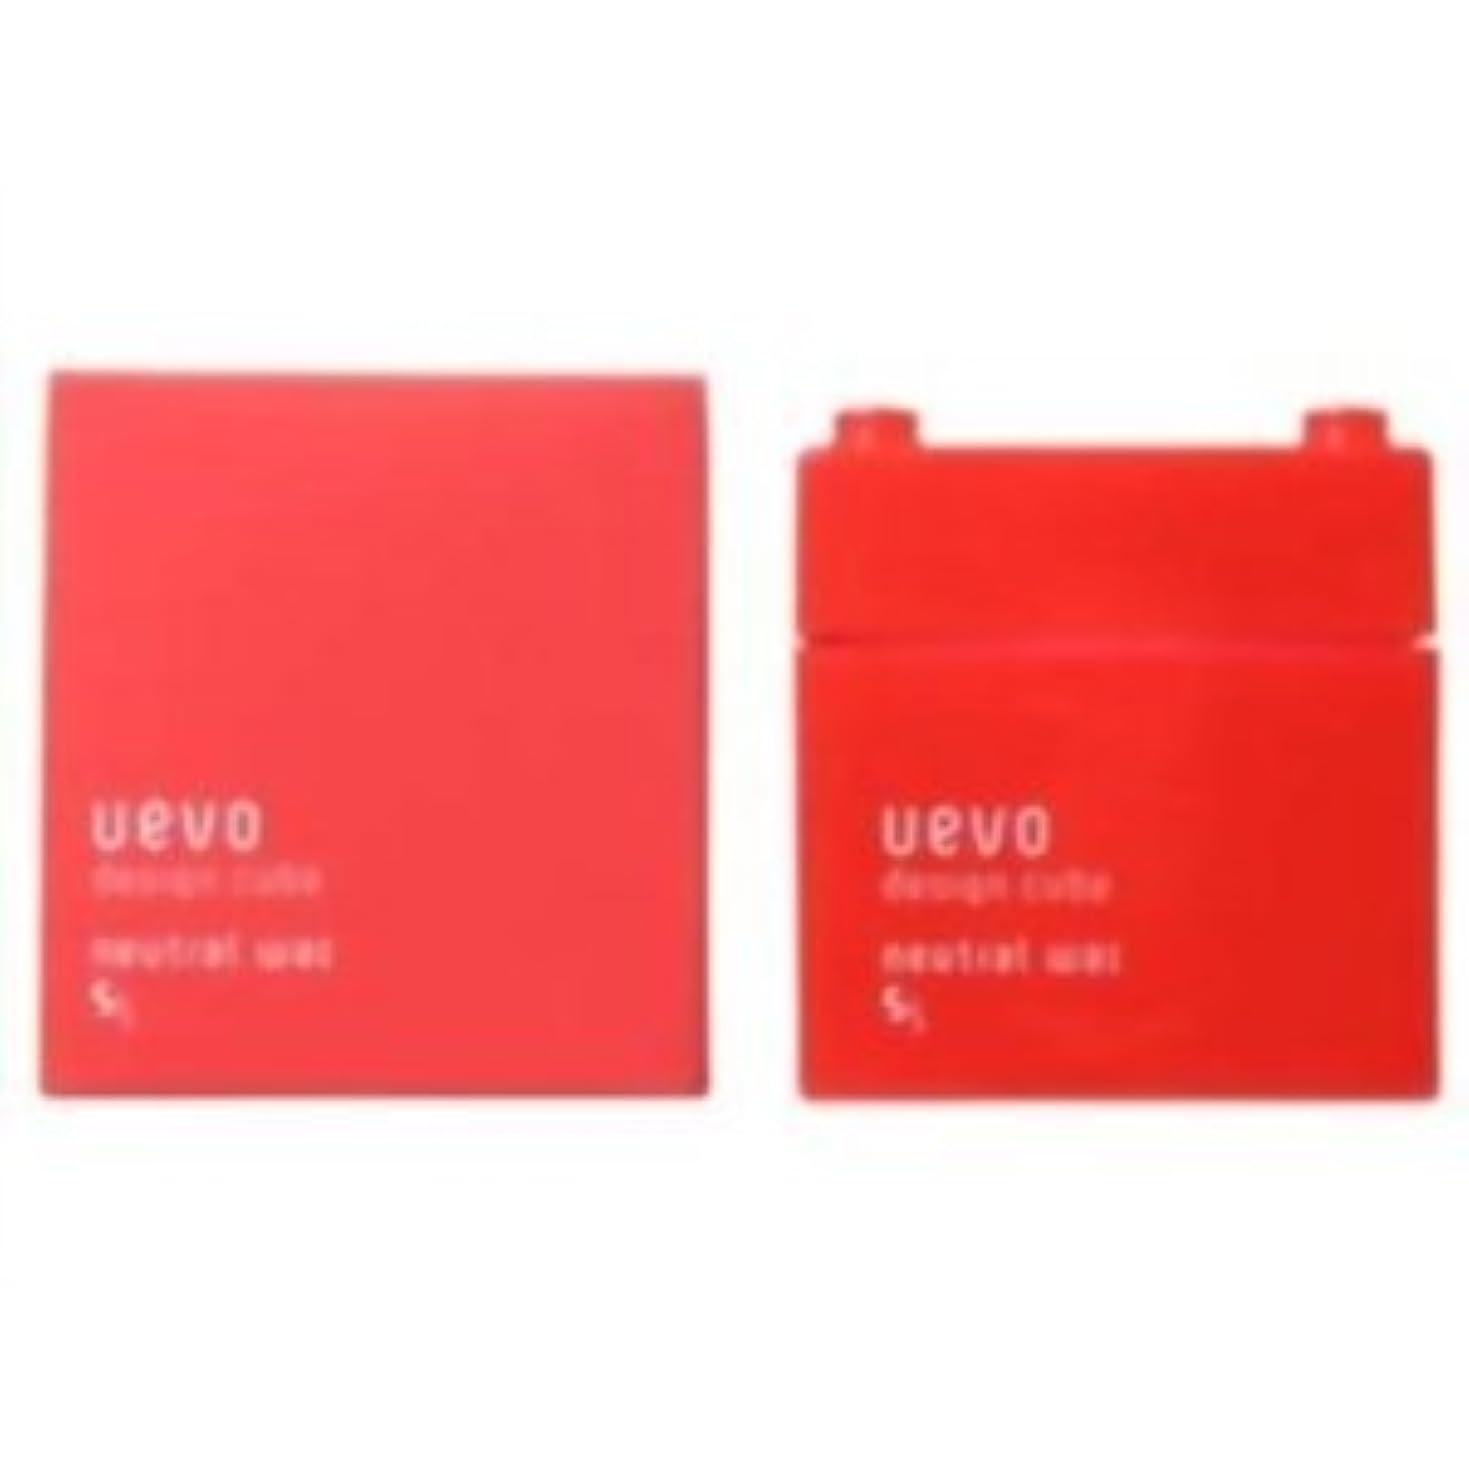 手を差し伸べるサークル愛国的な【X2個セット】 デミ ウェーボ デザインキューブ ニュートラルワックス 80g neutral wax DEMI uevo design cube